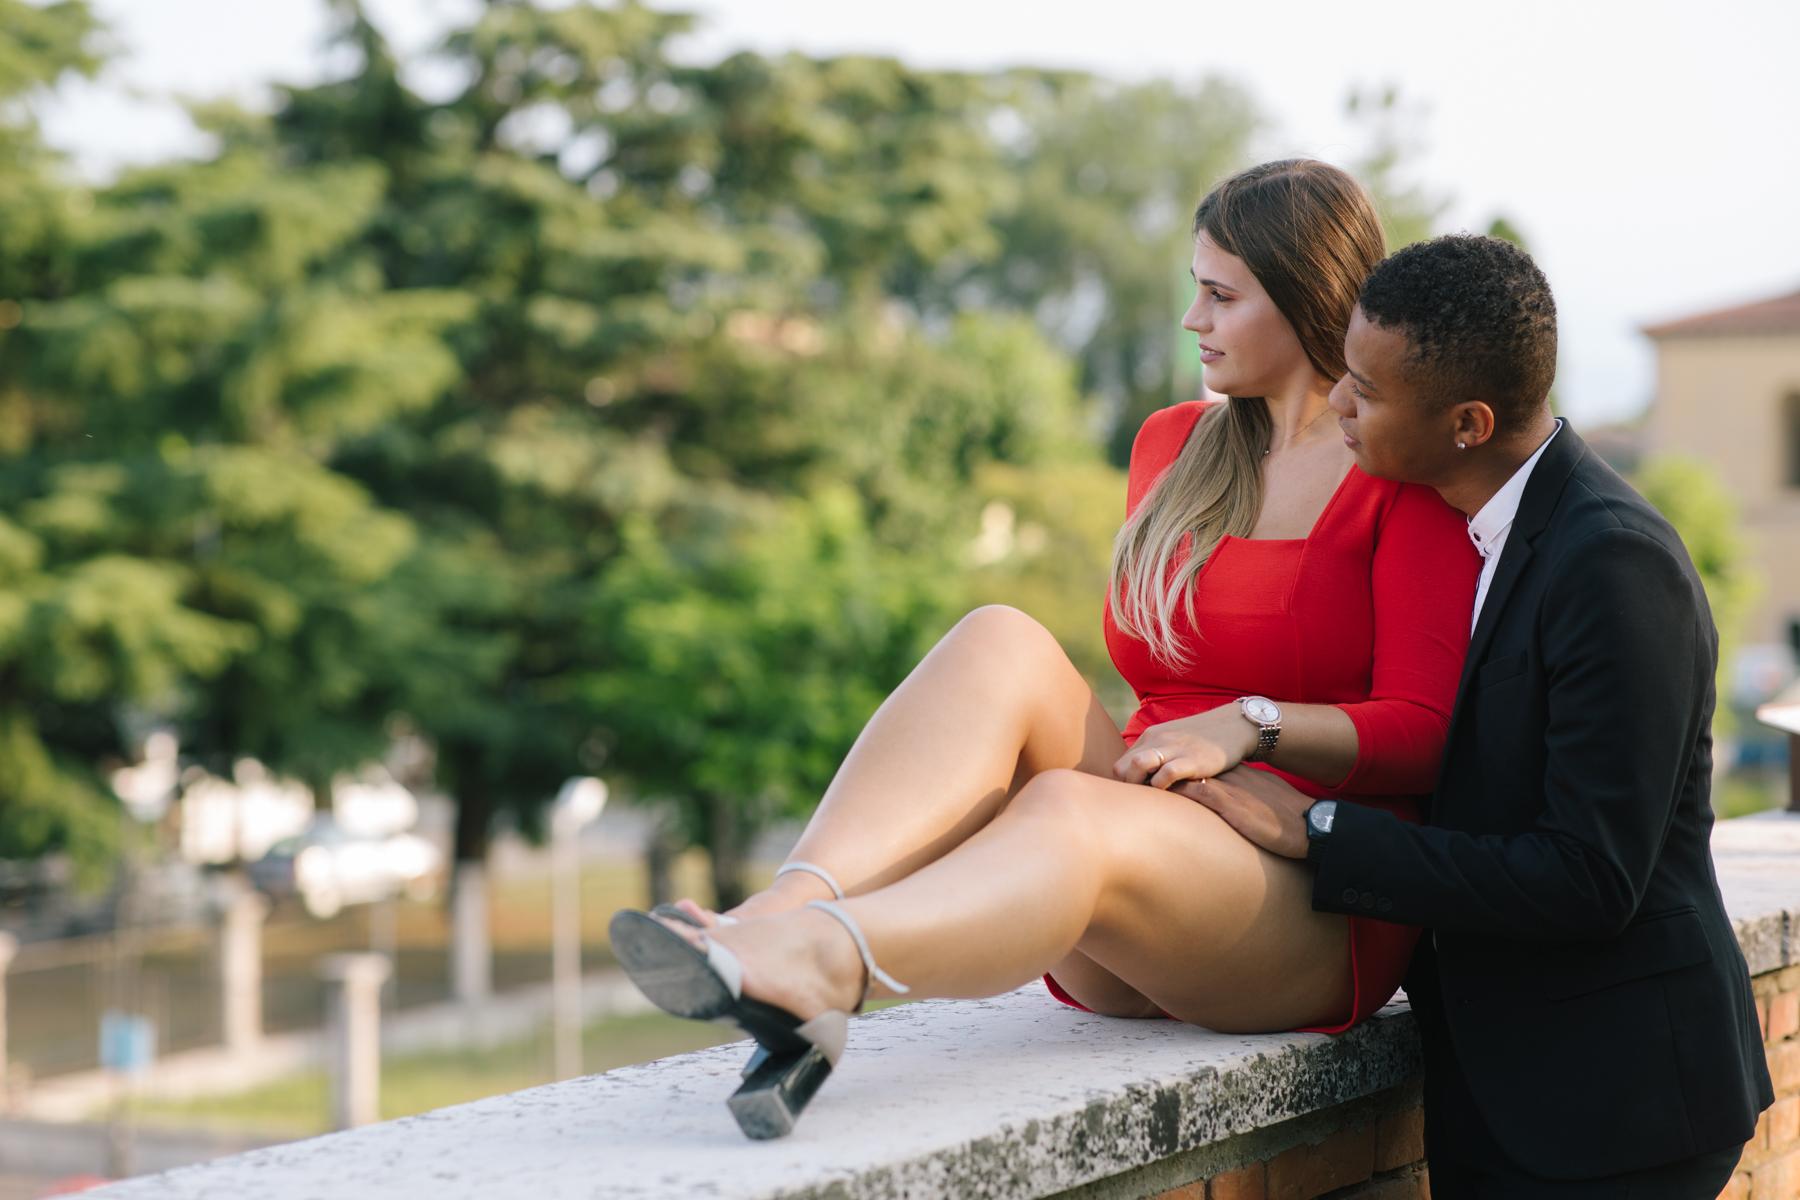 Fotografo professionista Ritratti Matrimoni Peschiere del Garda Verona Lago di Garda